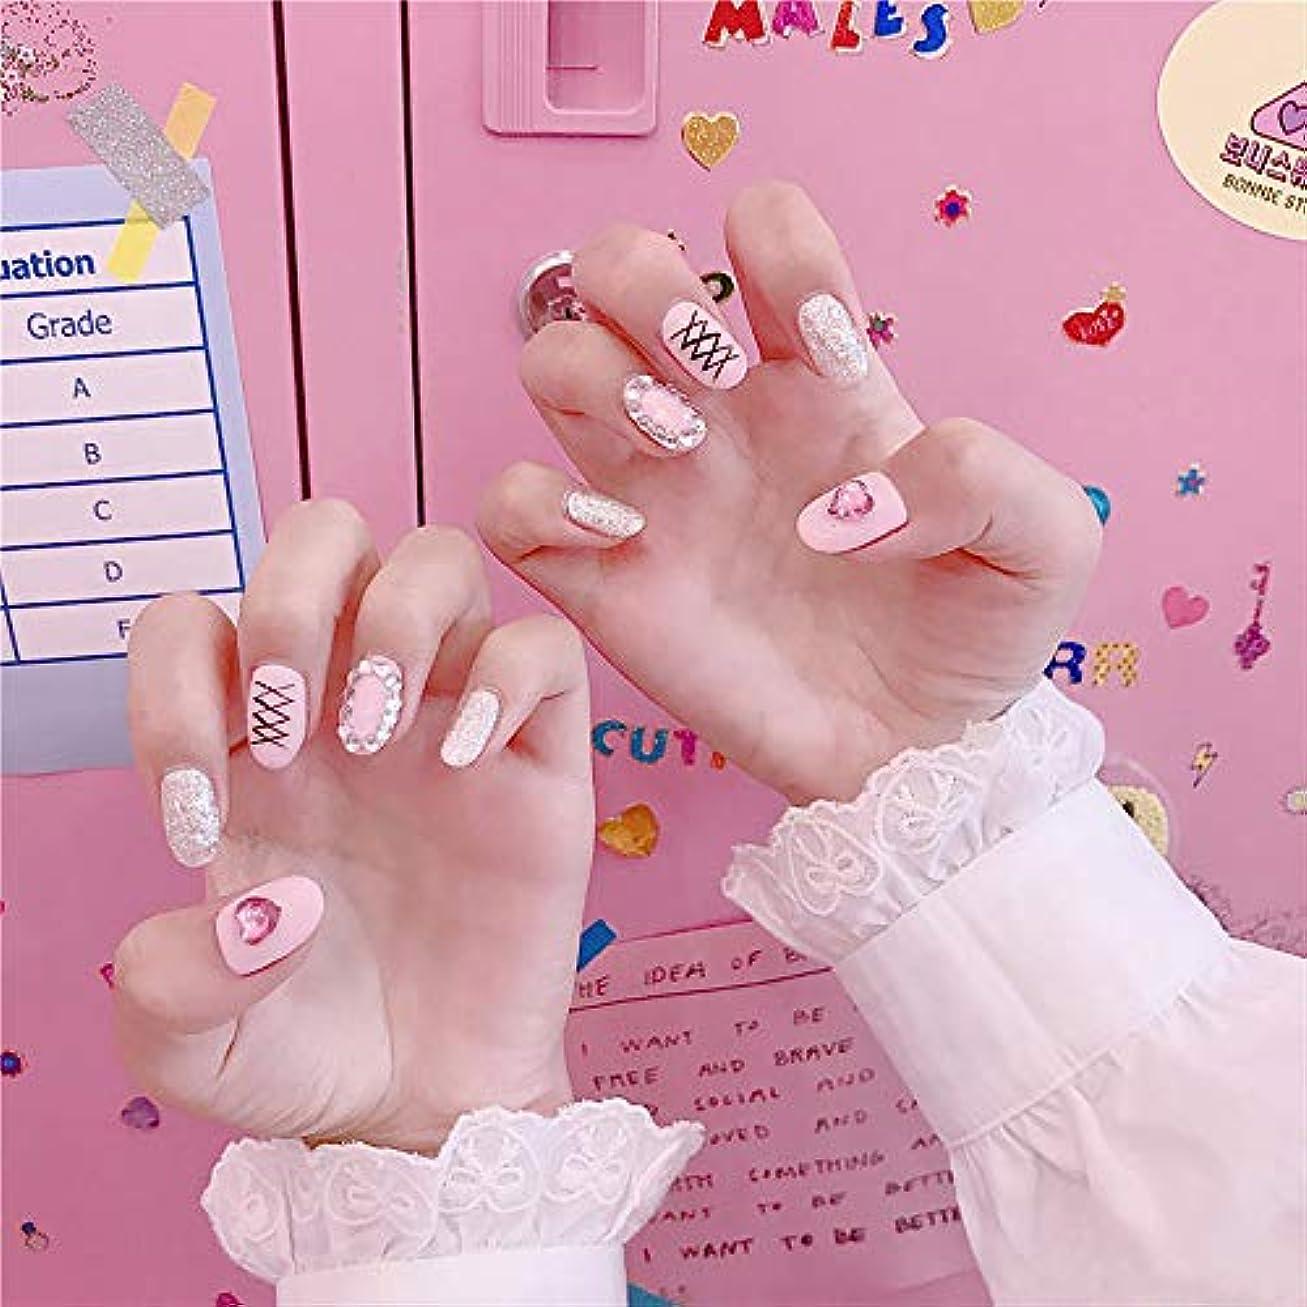 近々貧しい軽減XUTXZKA ピンク色フェイクネイル女性ファッションハートネイルネイルアートのヒント